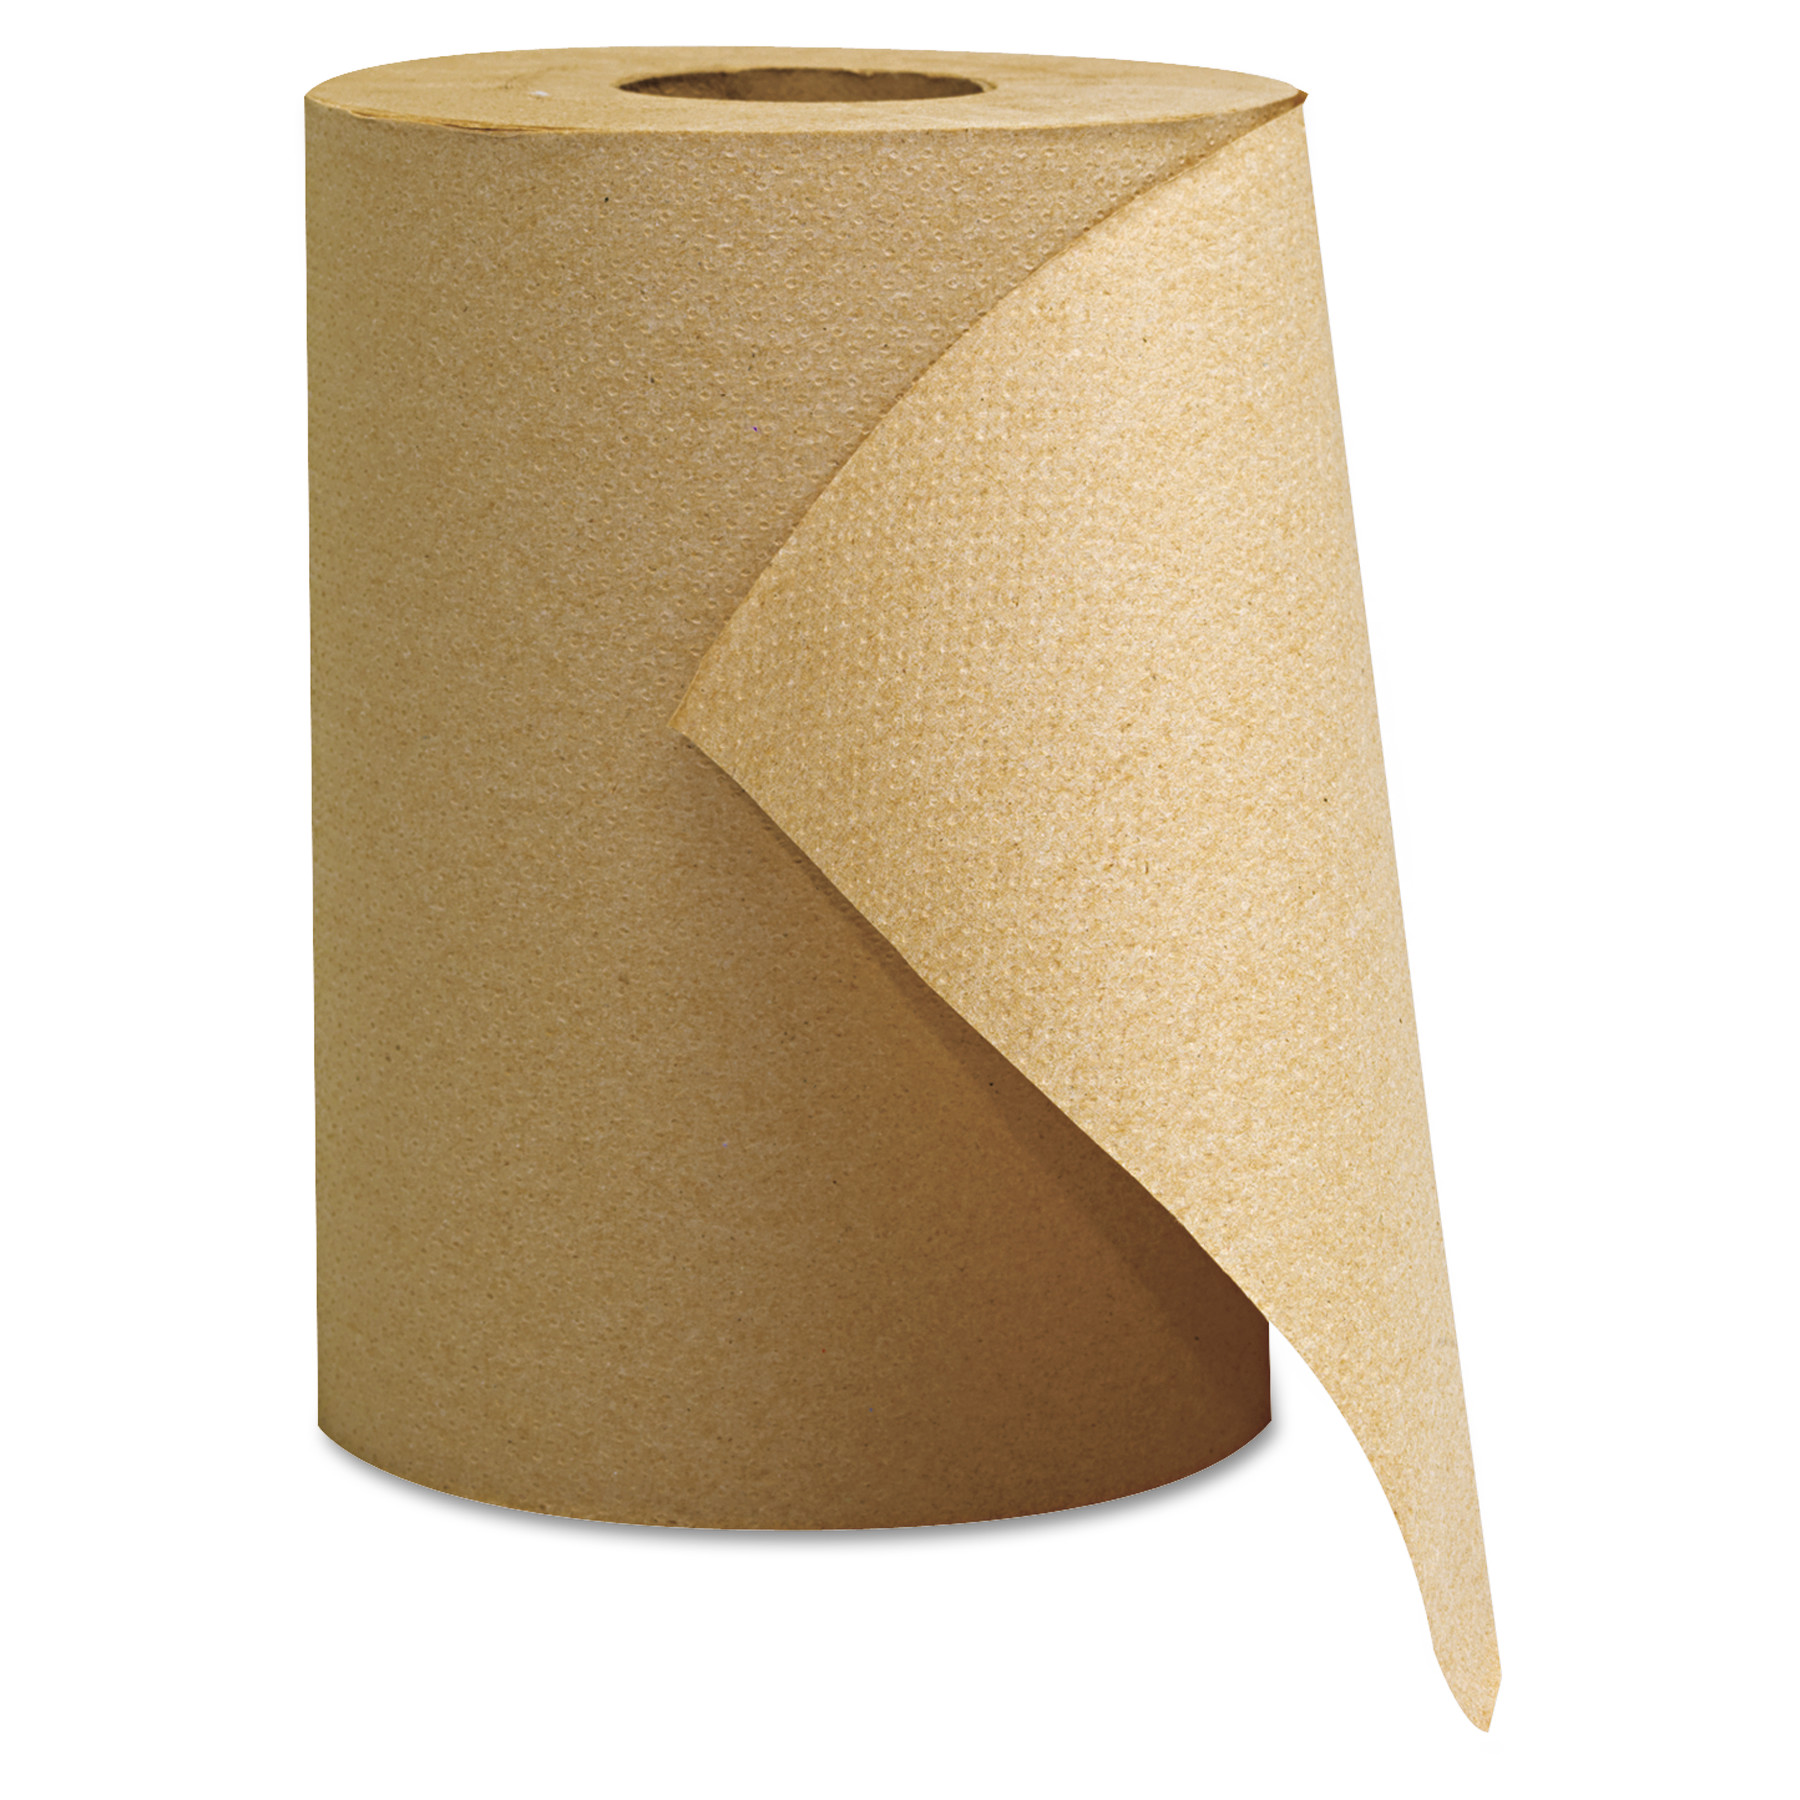 GEN Hardwound Roll Towels, Kraft, 8 x 350'